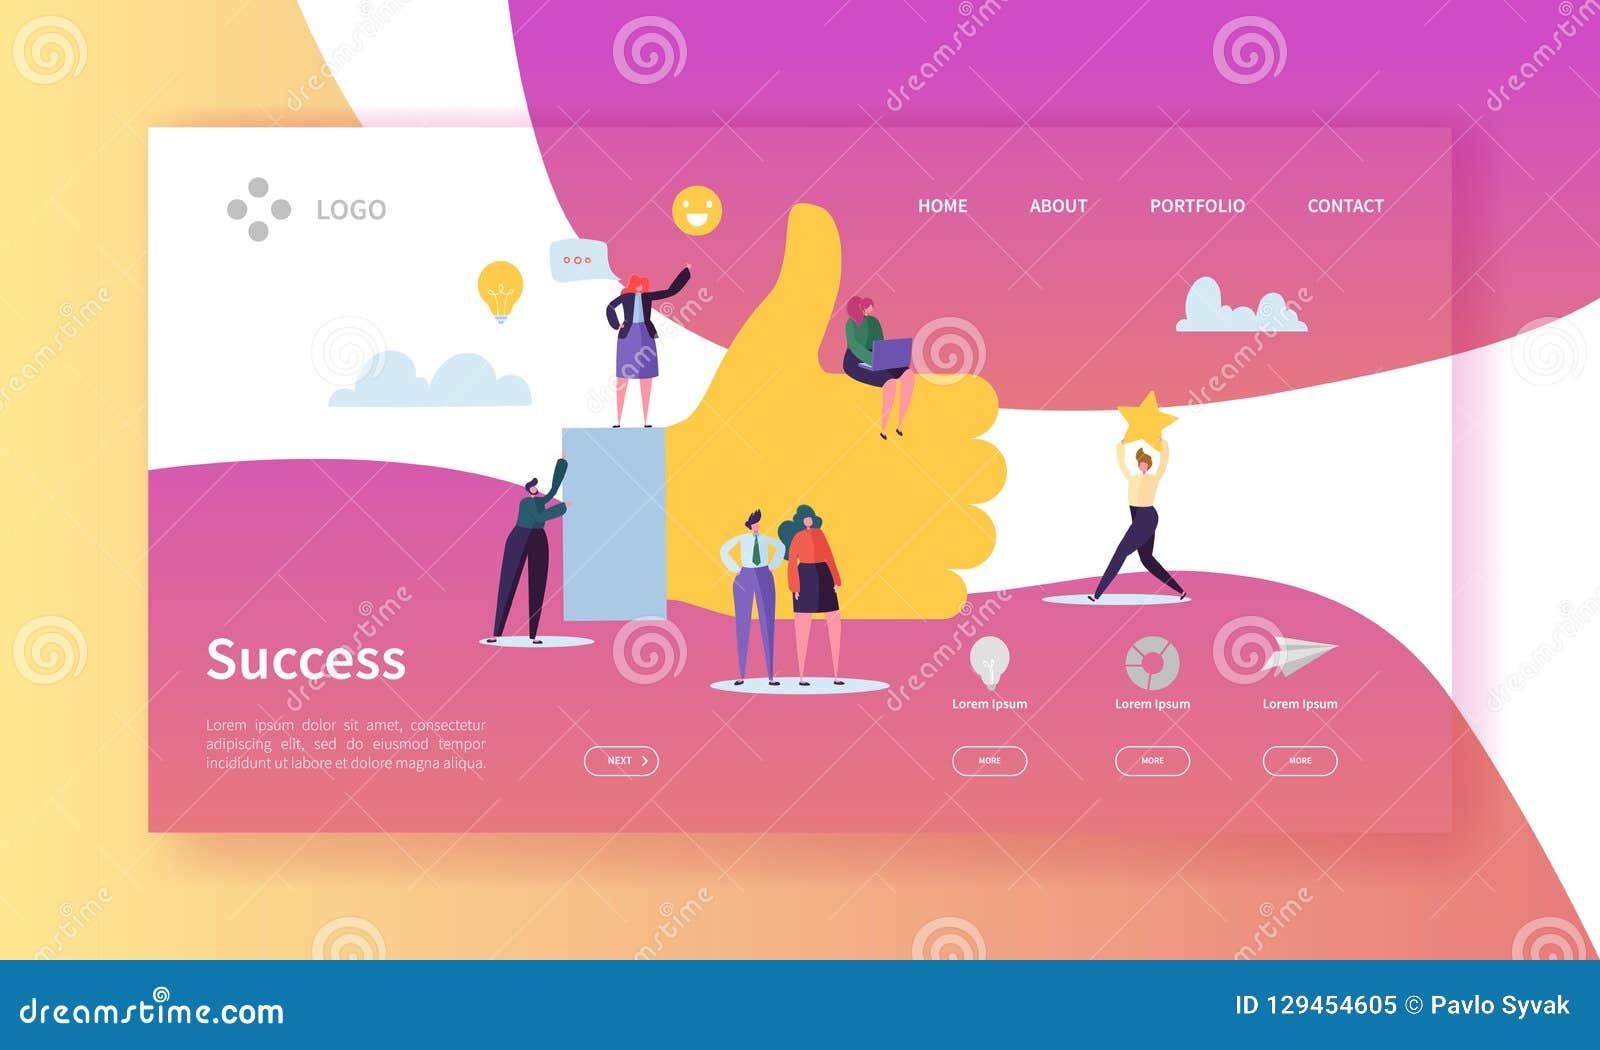 Página da aterrissagem do sucesso comercial Team Work Concept bem sucedido com caráteres lisos à procura da ideia criativa websit